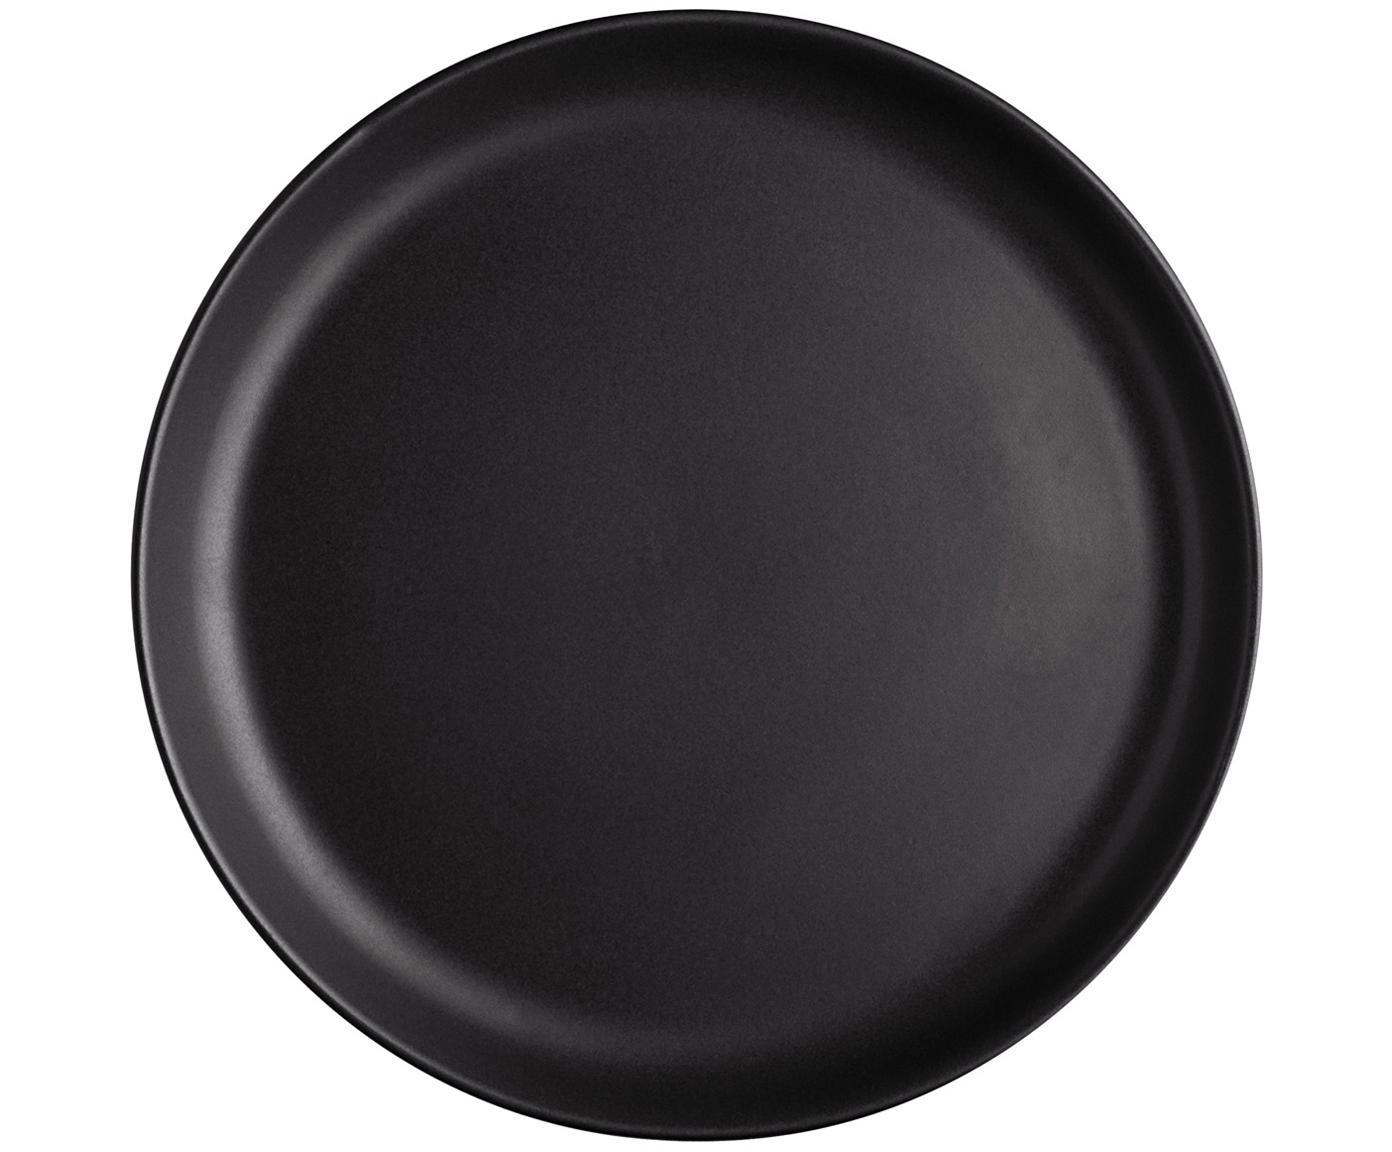 Piatto da colazione Nordic Kitchen 4 pz, Gres, Nero opaco, Ø 21 cm